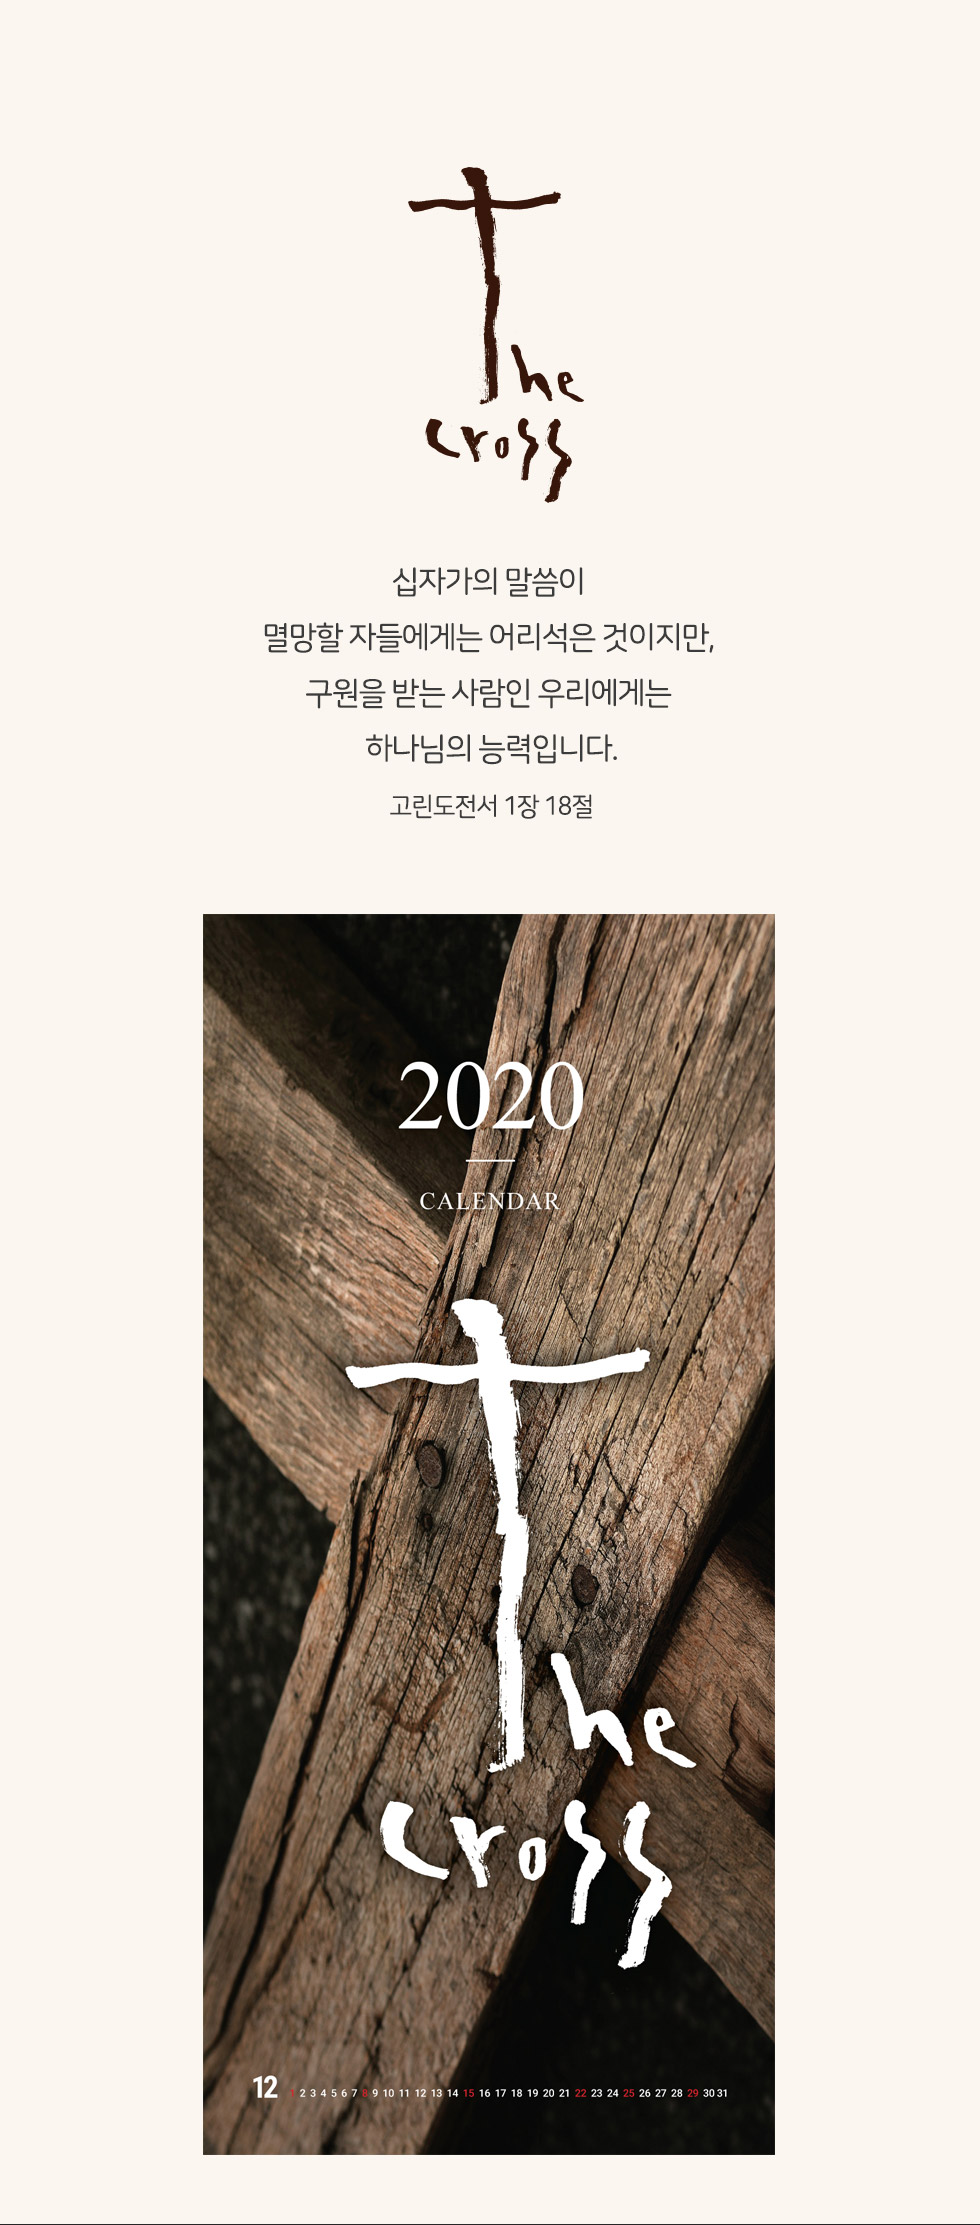 2020년 벽걸이달력 십자가 - 더크로스 THE CROSS 십자가, 십자가의 말씀이 멸망할 자들에게는 어리석은 것이지만, 구원을 받는 사람인 우리에게는 하나님의 능력입니다. 고린도전서 1장 18절 고후1:18